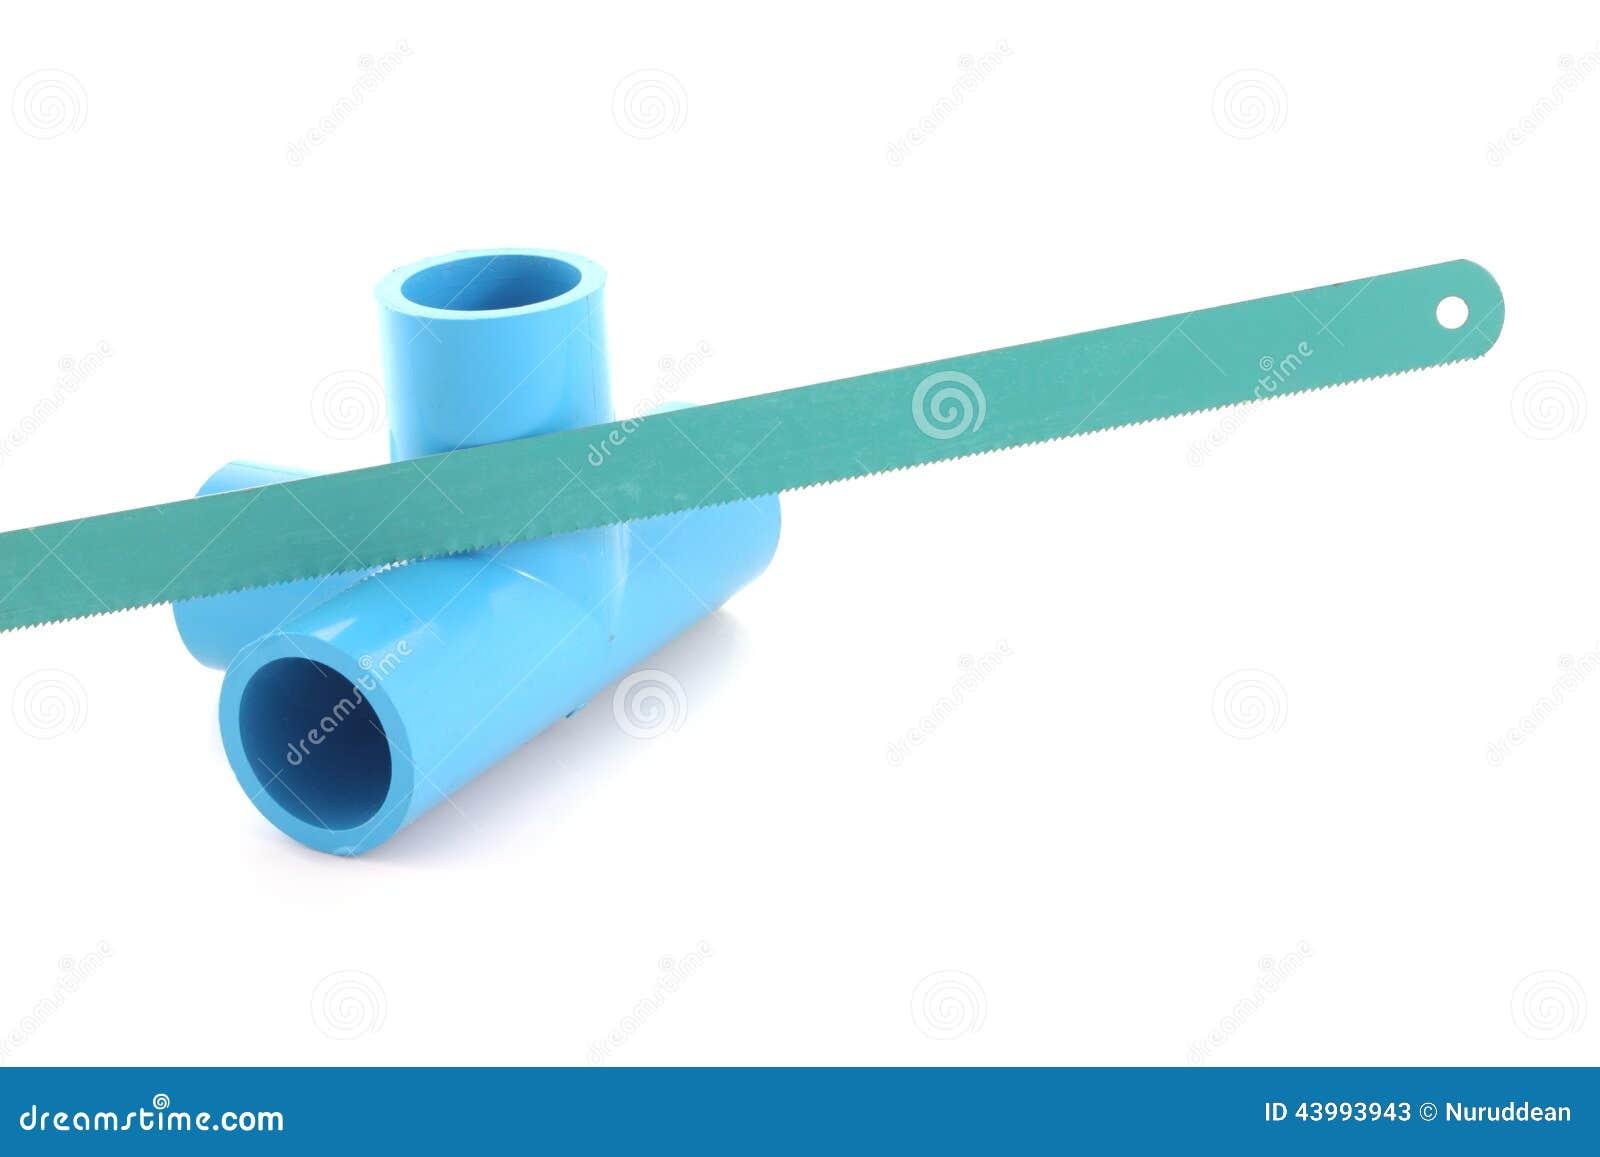 Wasserabflussrohre